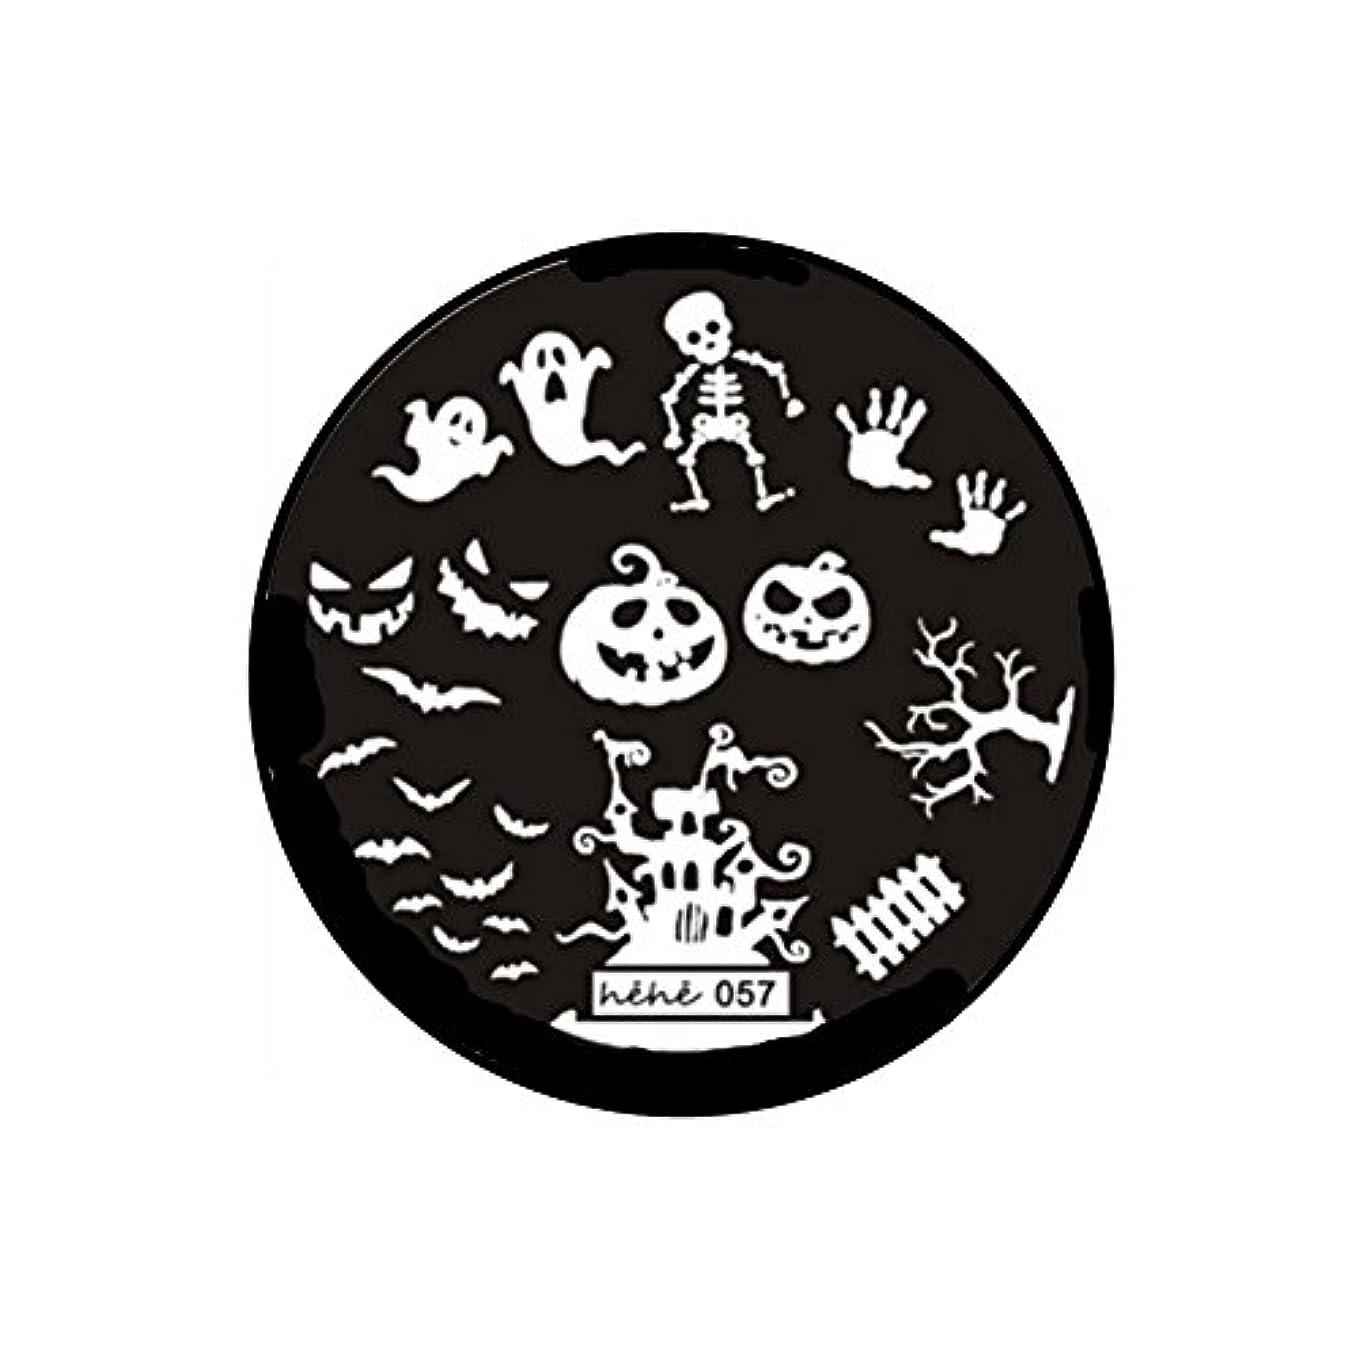 連邦病的積分1枚 スタンピングプレート 【 ハロウィンテーマ ネイル ジェルネイル ネイルアート ネイルスタンプ ネイル スタンプ 】heheイメージプレート